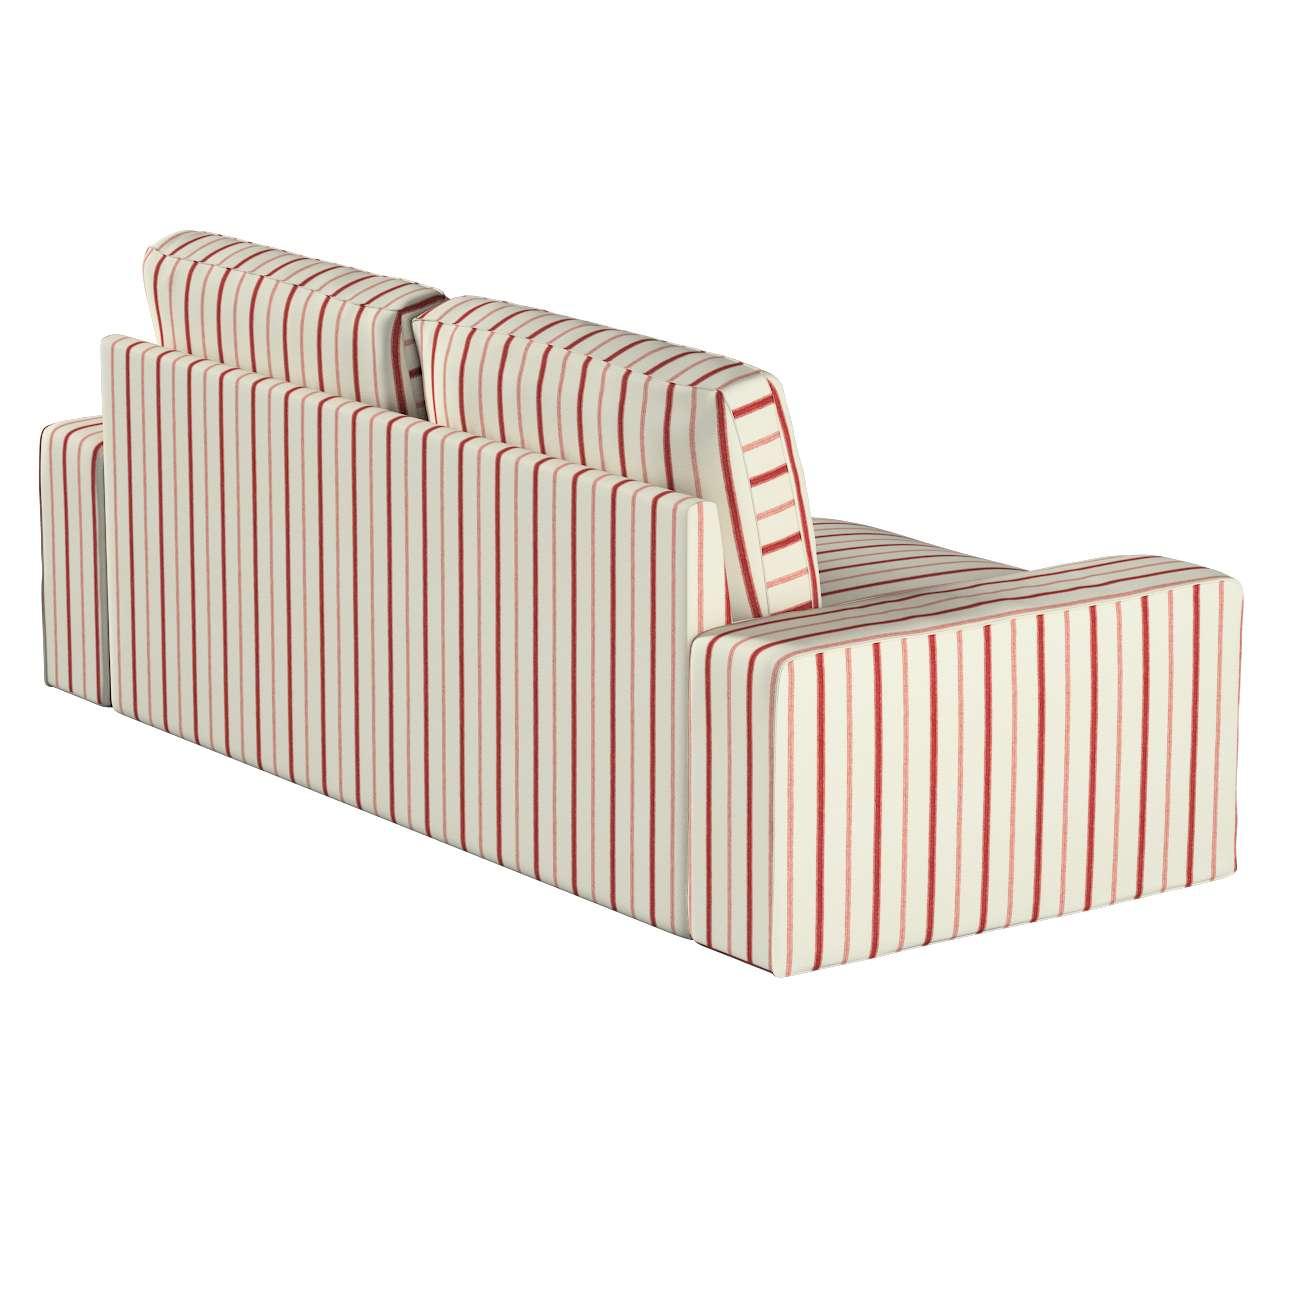 Pokrowiec na sofę Kivik 3-osobową, nierozkładaną w kolekcji Avinon, tkanina: 129-15